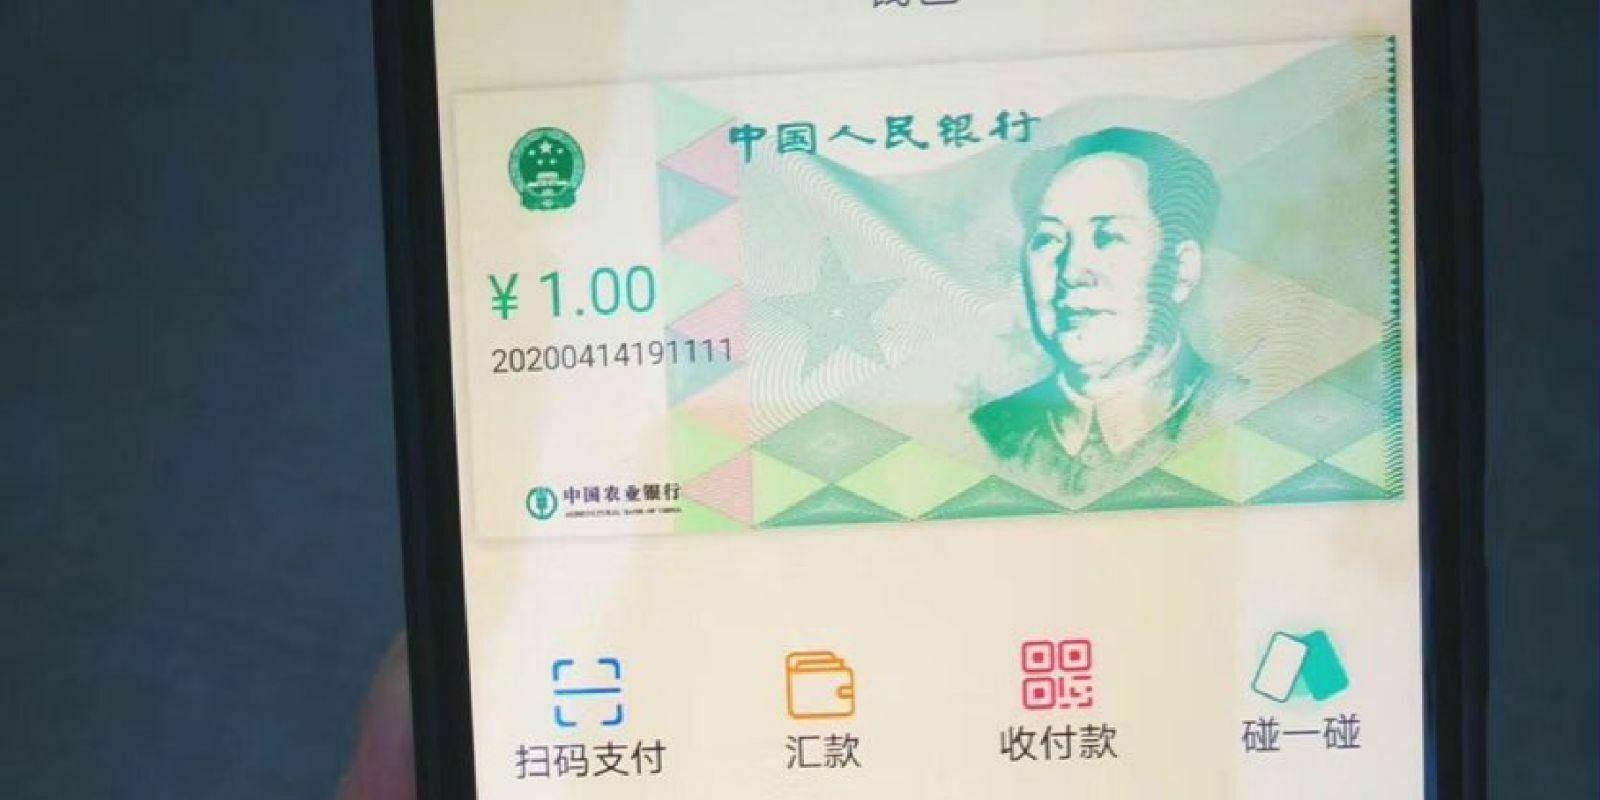 Chine : une banque révèle l'application de test pour la monnaie numérique de banque centrale